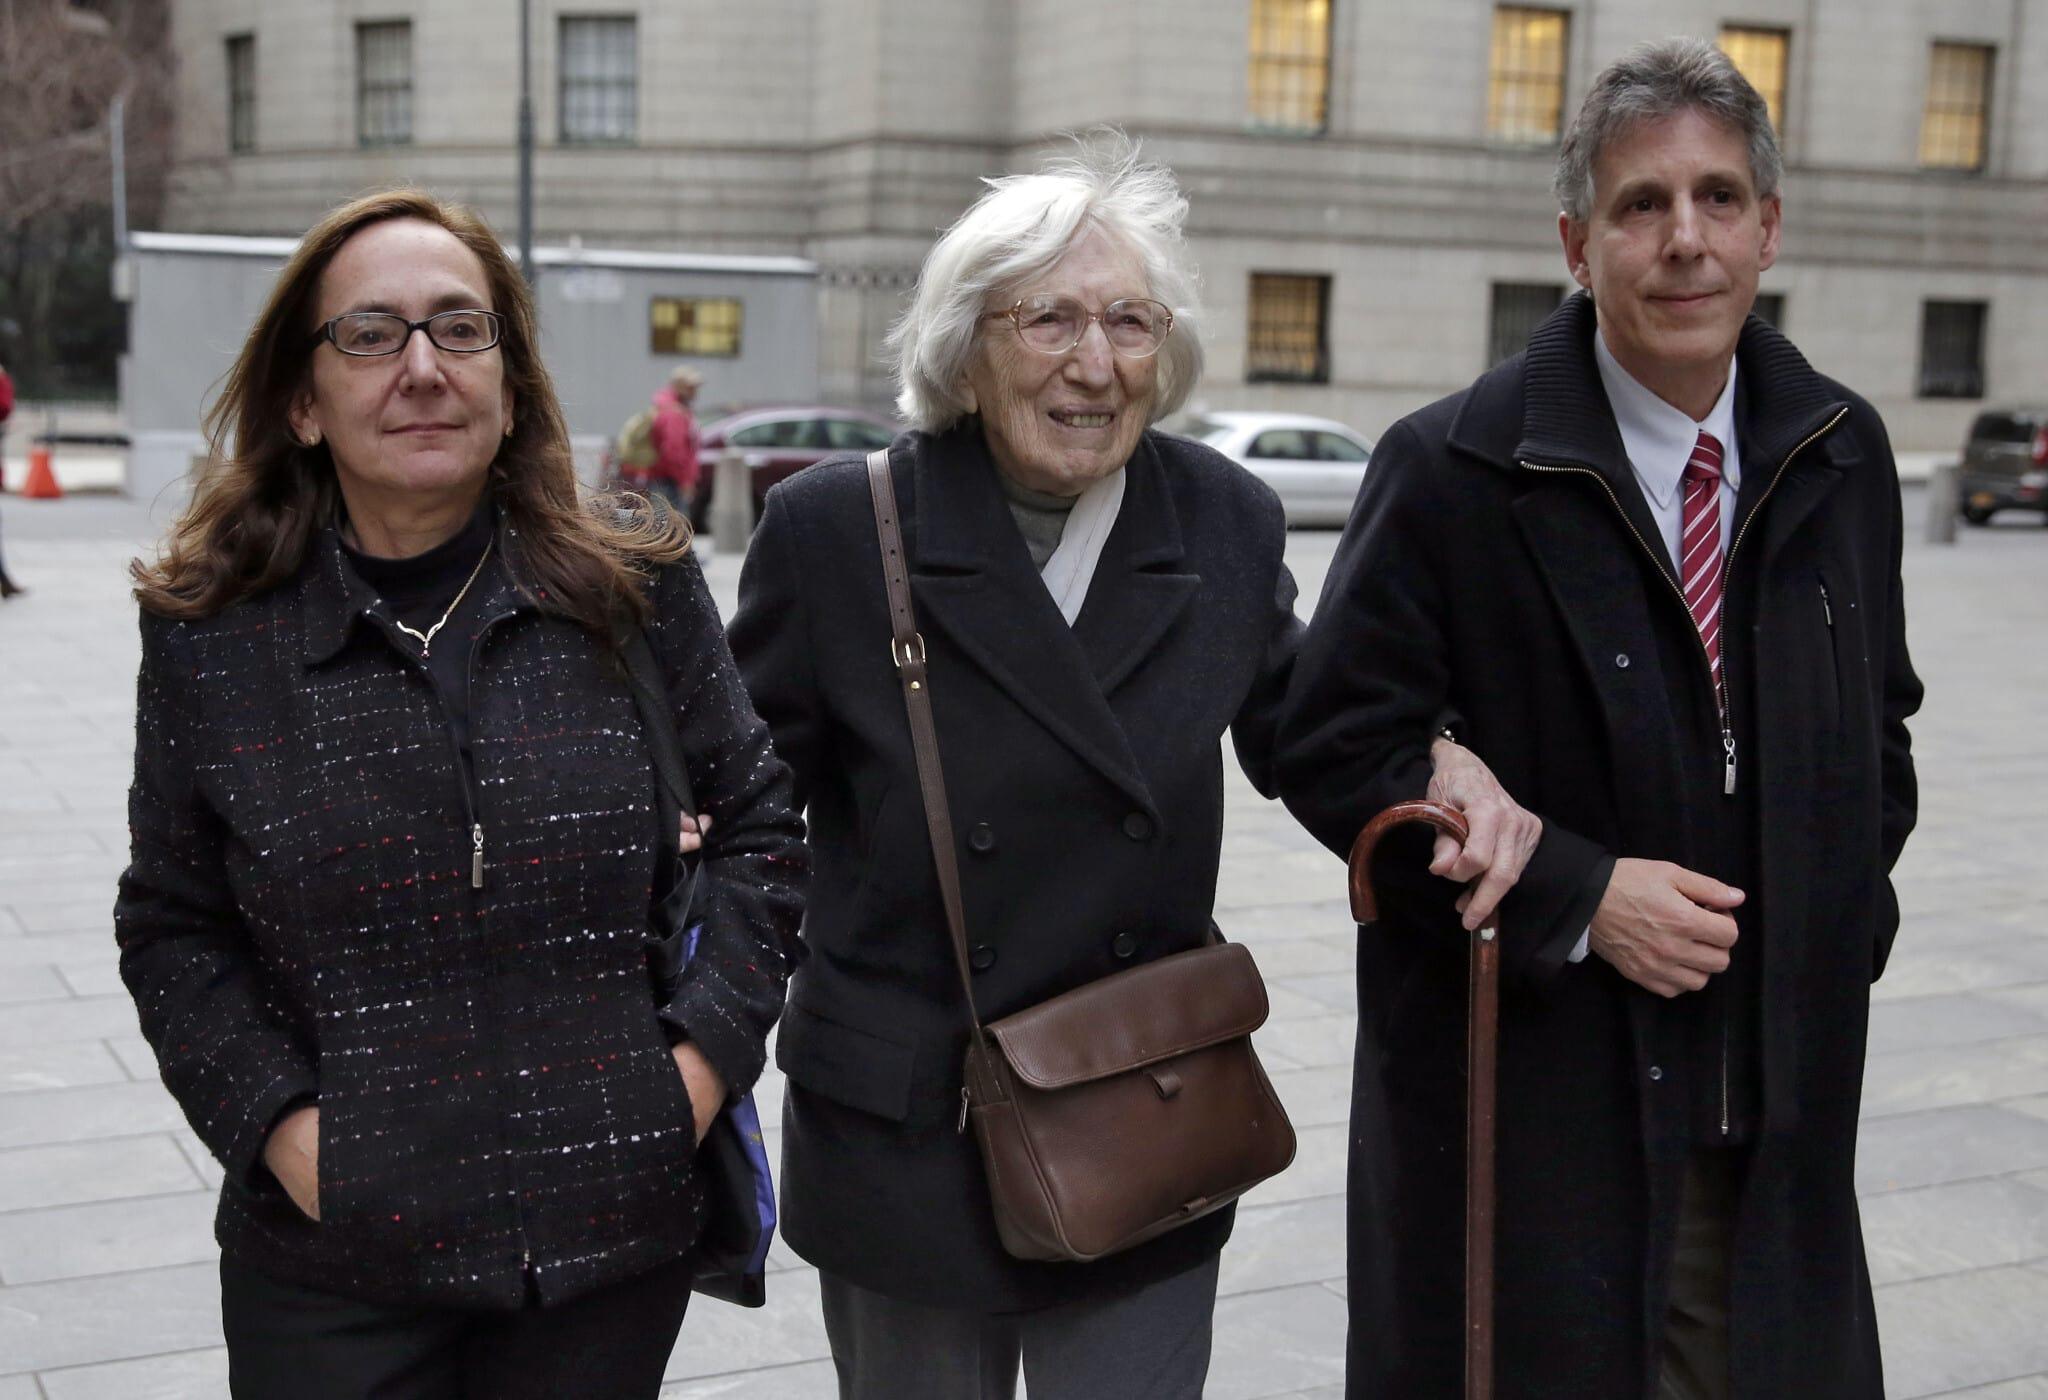 מרים מושקוביץ, 98, מלווה באחיינה אירה מושקוביץ ובאשתו קארן פונטי, כשהם יוצאים מבית המשפט הפדרלי בניו יורק ב-4 בדצמבר 2014, אחרי ששופט דחה את בקשתה למחוק את הרשעתה מ-1950 בגין קשירת קשר לשיבוש הליכים לקראת משפט הריגול של יוליוס ואתל רוזנברג. היא ריצתה את עונשה, שנתיים מאסר (צילום: Richard Drew, AP)